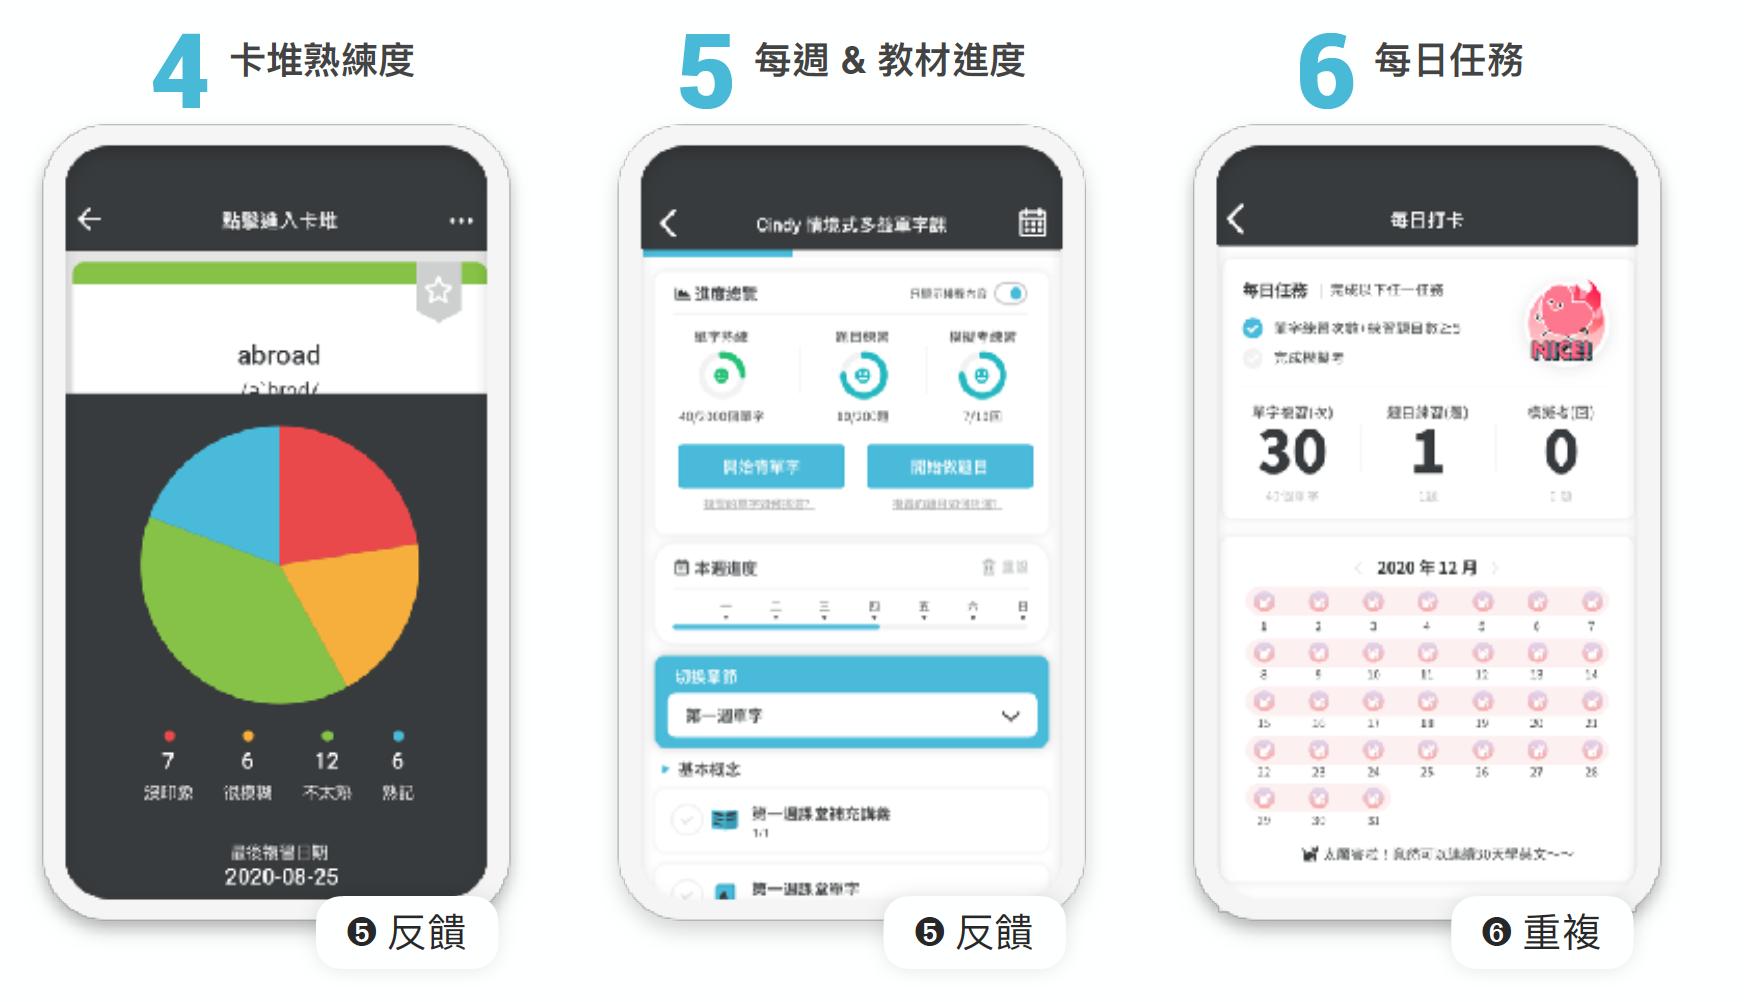 word up app、word up 數位教材、進度規劃、進度排程。